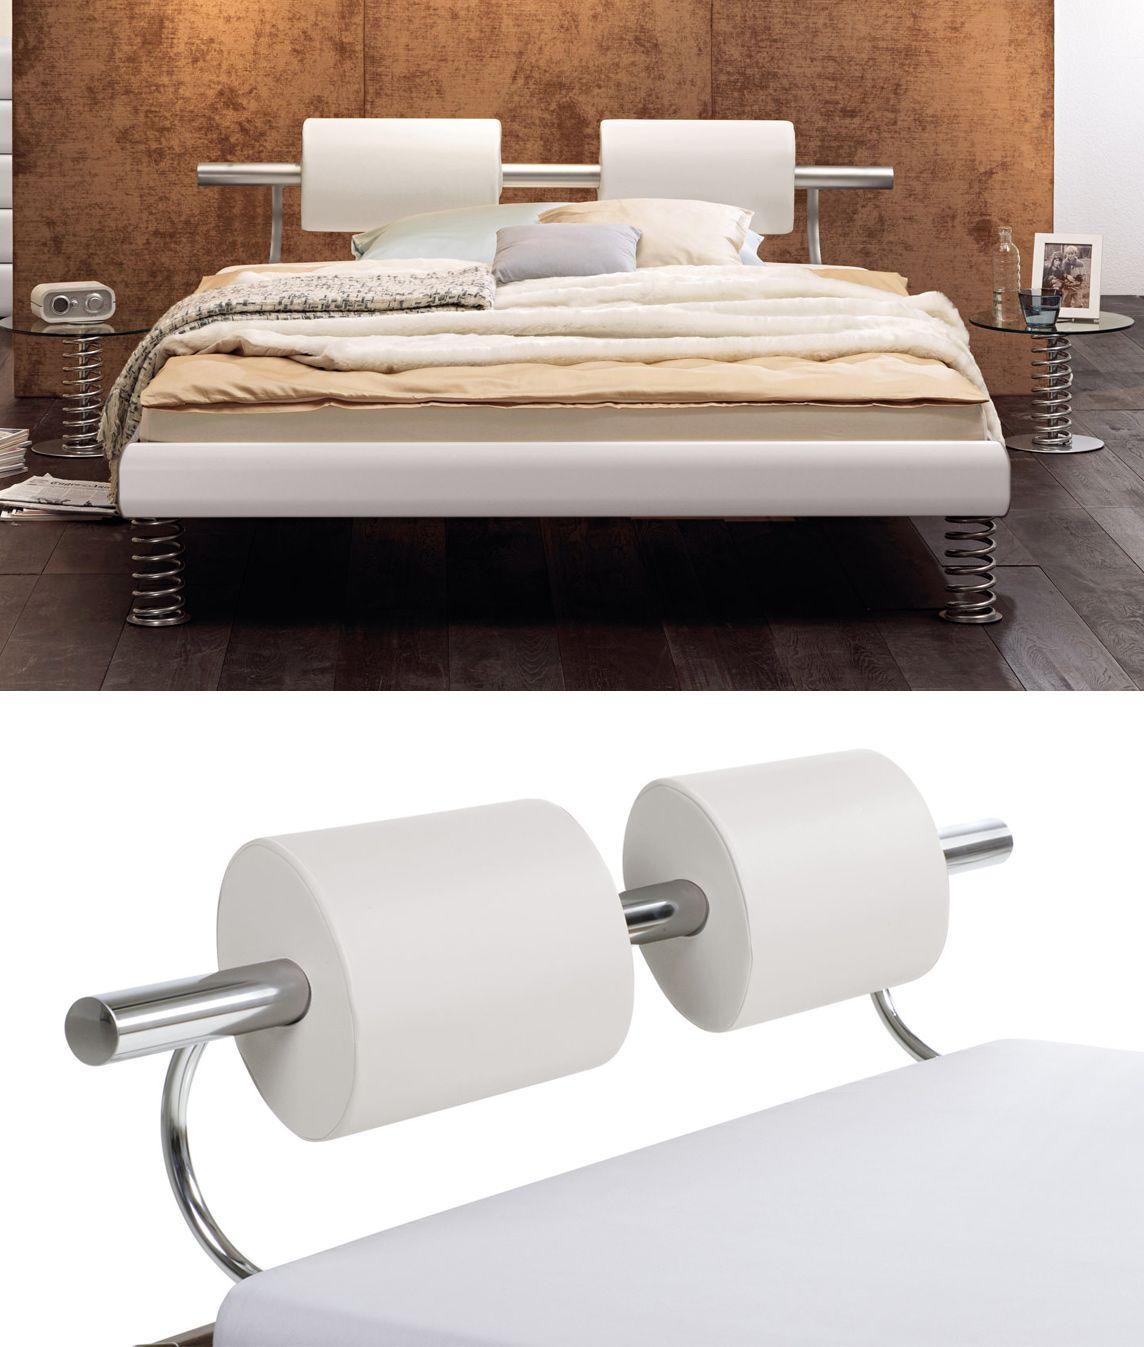 Bett weiss modern  Designerbett in vielen verschiedenen Farben. Exklusiv sind die ...